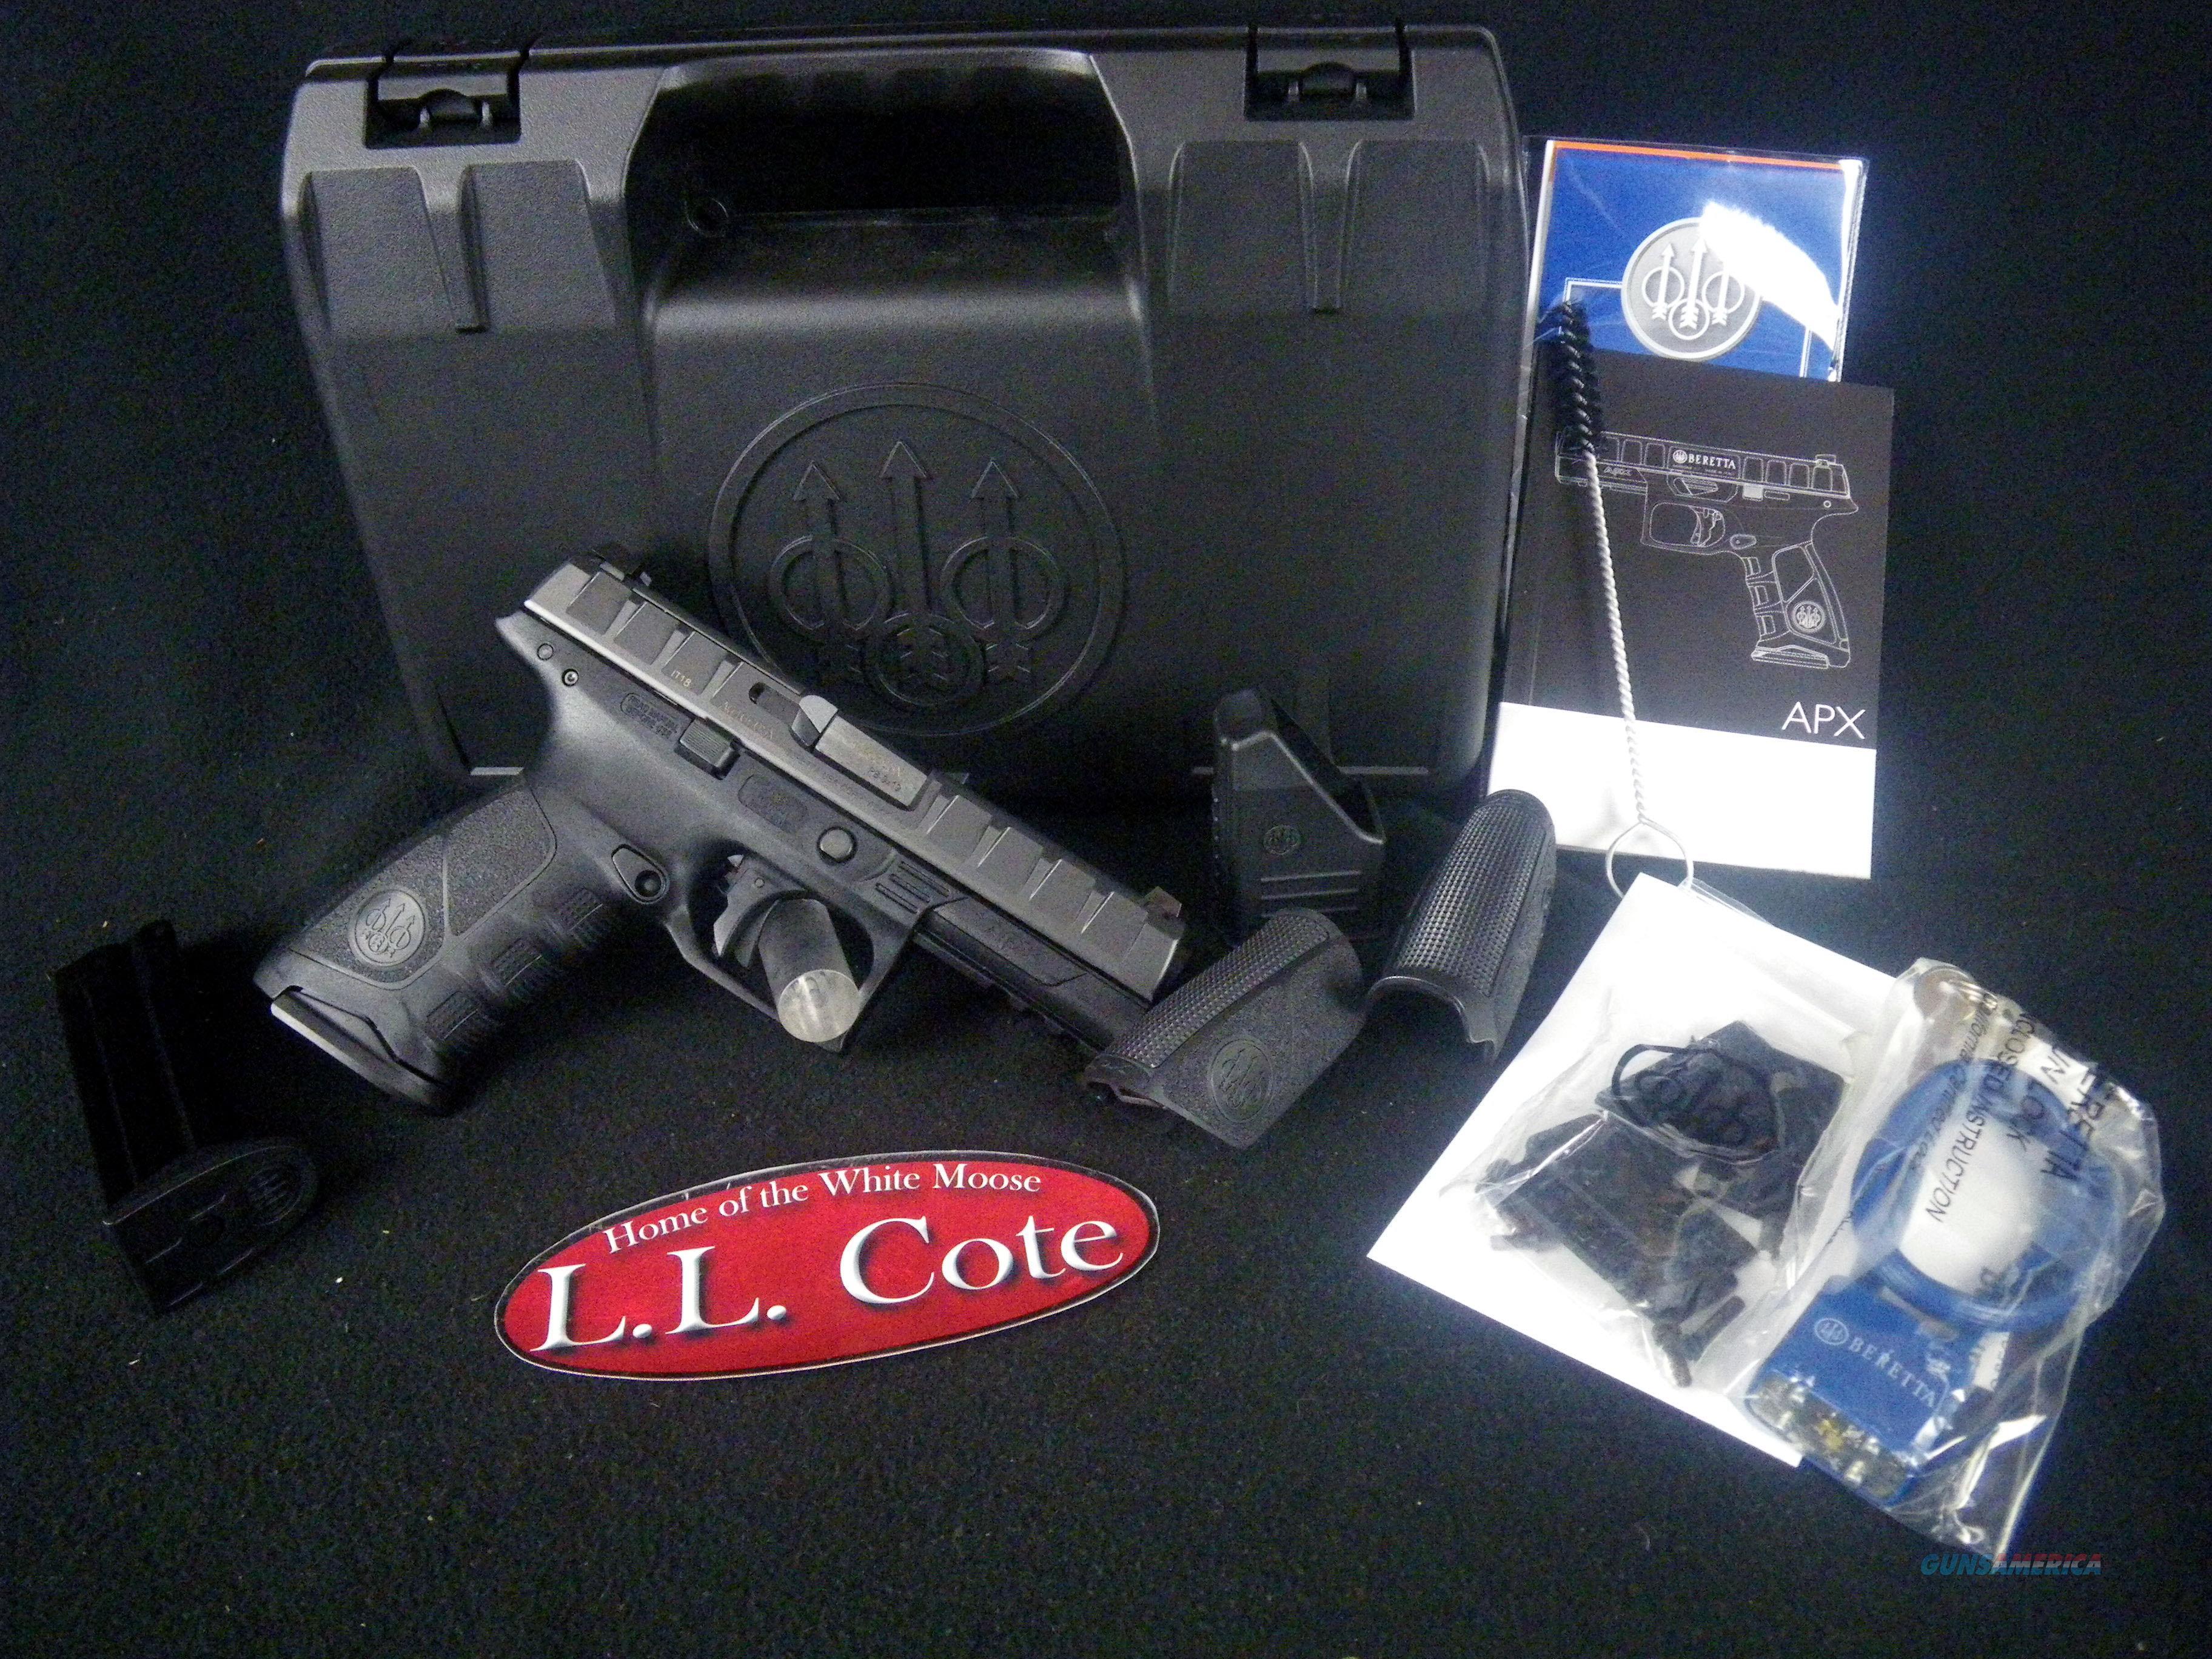 """Beretta APX RDO 9mm 4.25"""" 17rnd NEW JAXF92170  Guns > Pistols > Beretta Pistols > Polymer Frame"""